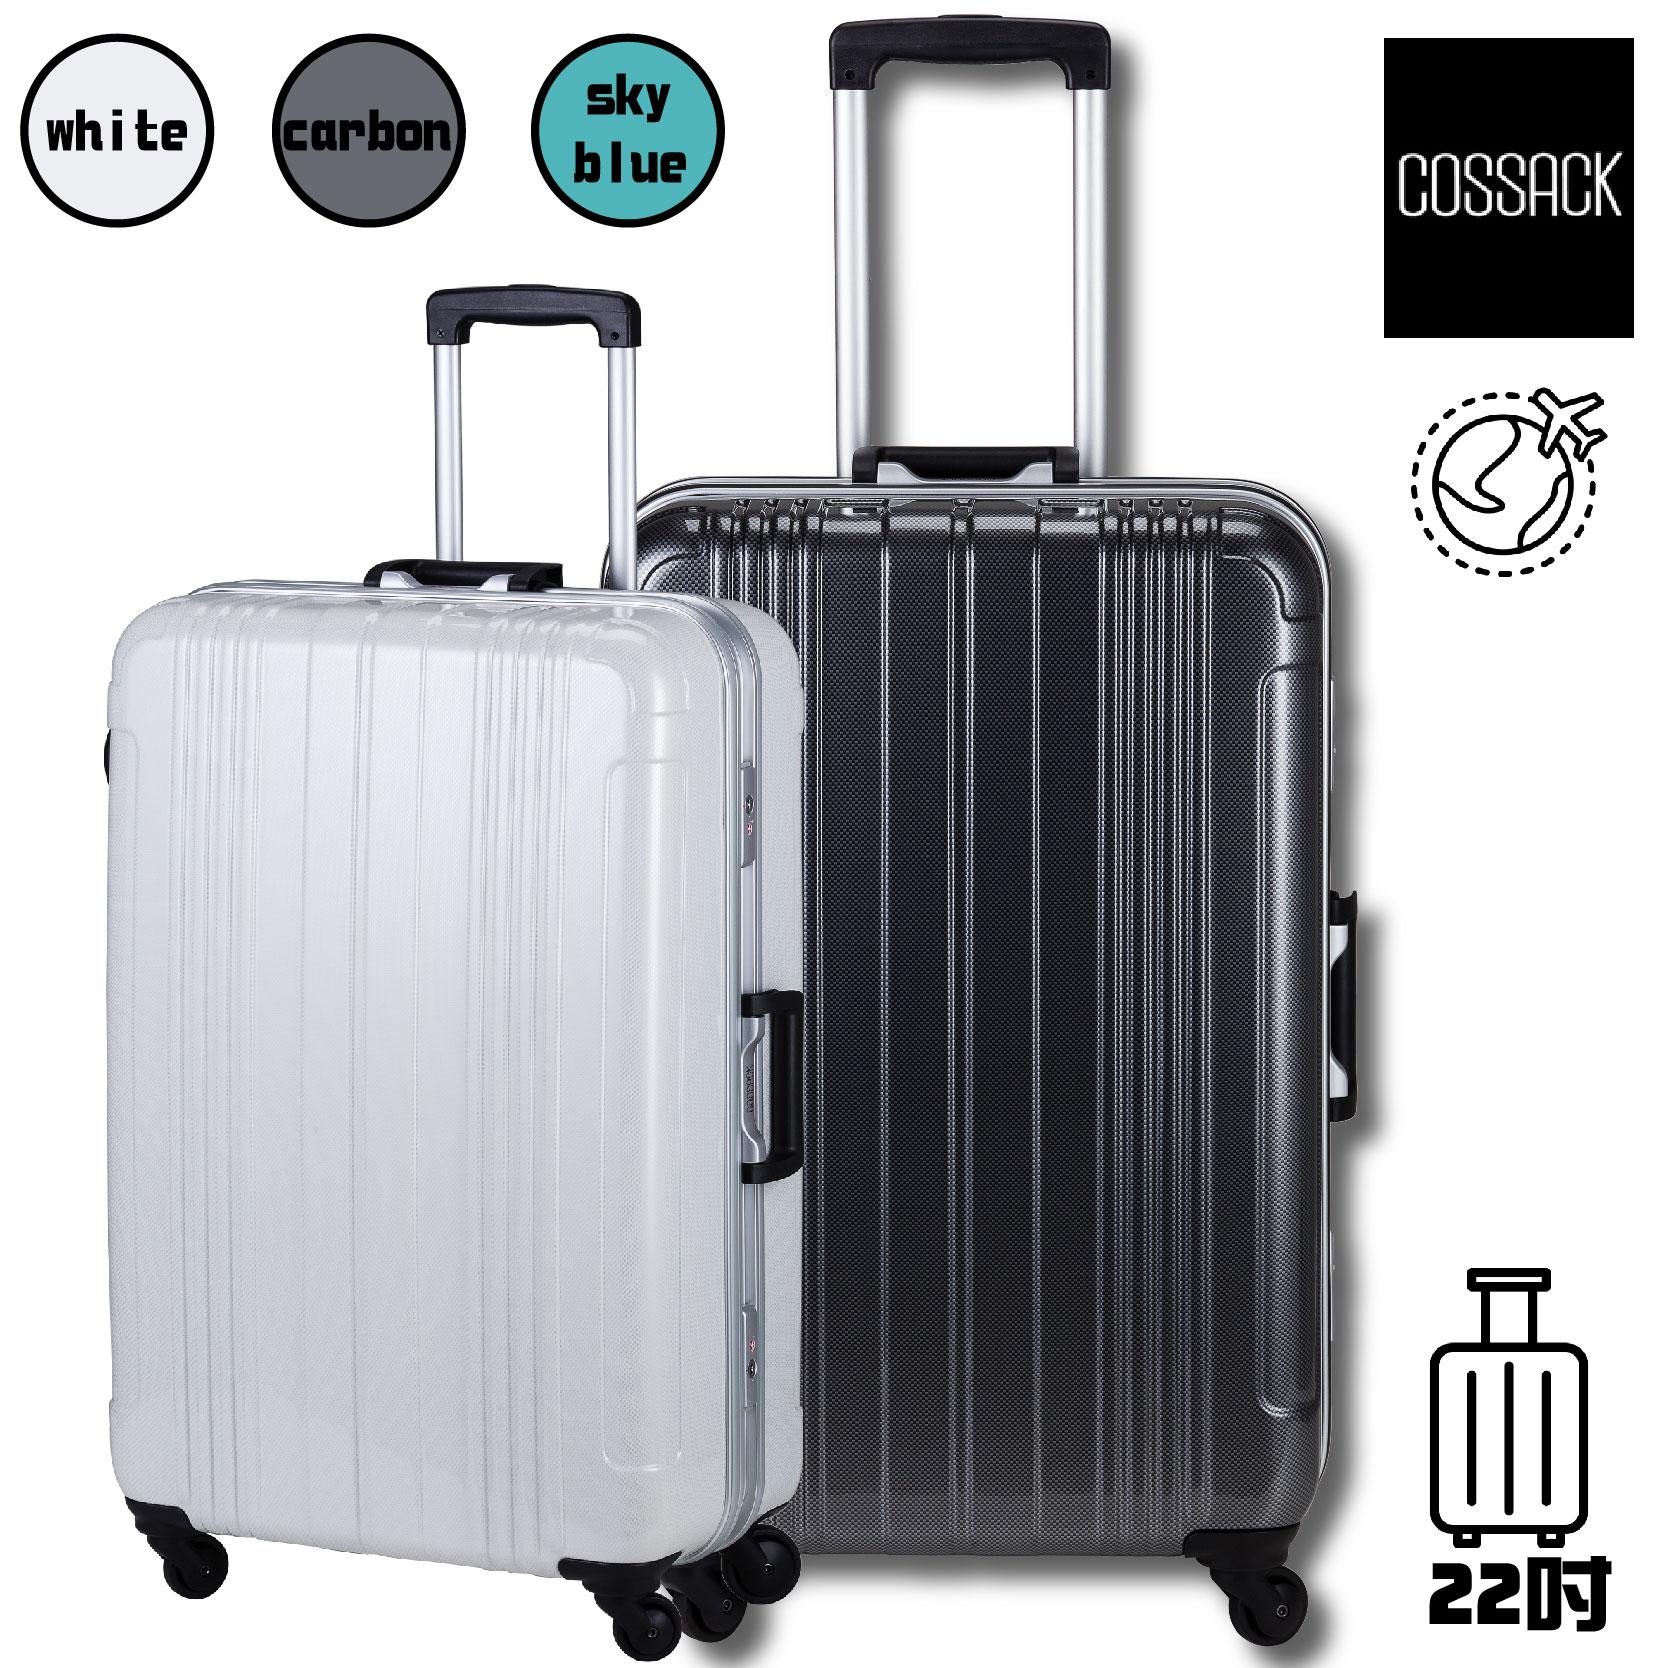 下定決心!出國吧! 實質系列 22吋 PC鋁框行李箱 出國 旅遊 硬殼行李箱 托運箱 CS11-2016022